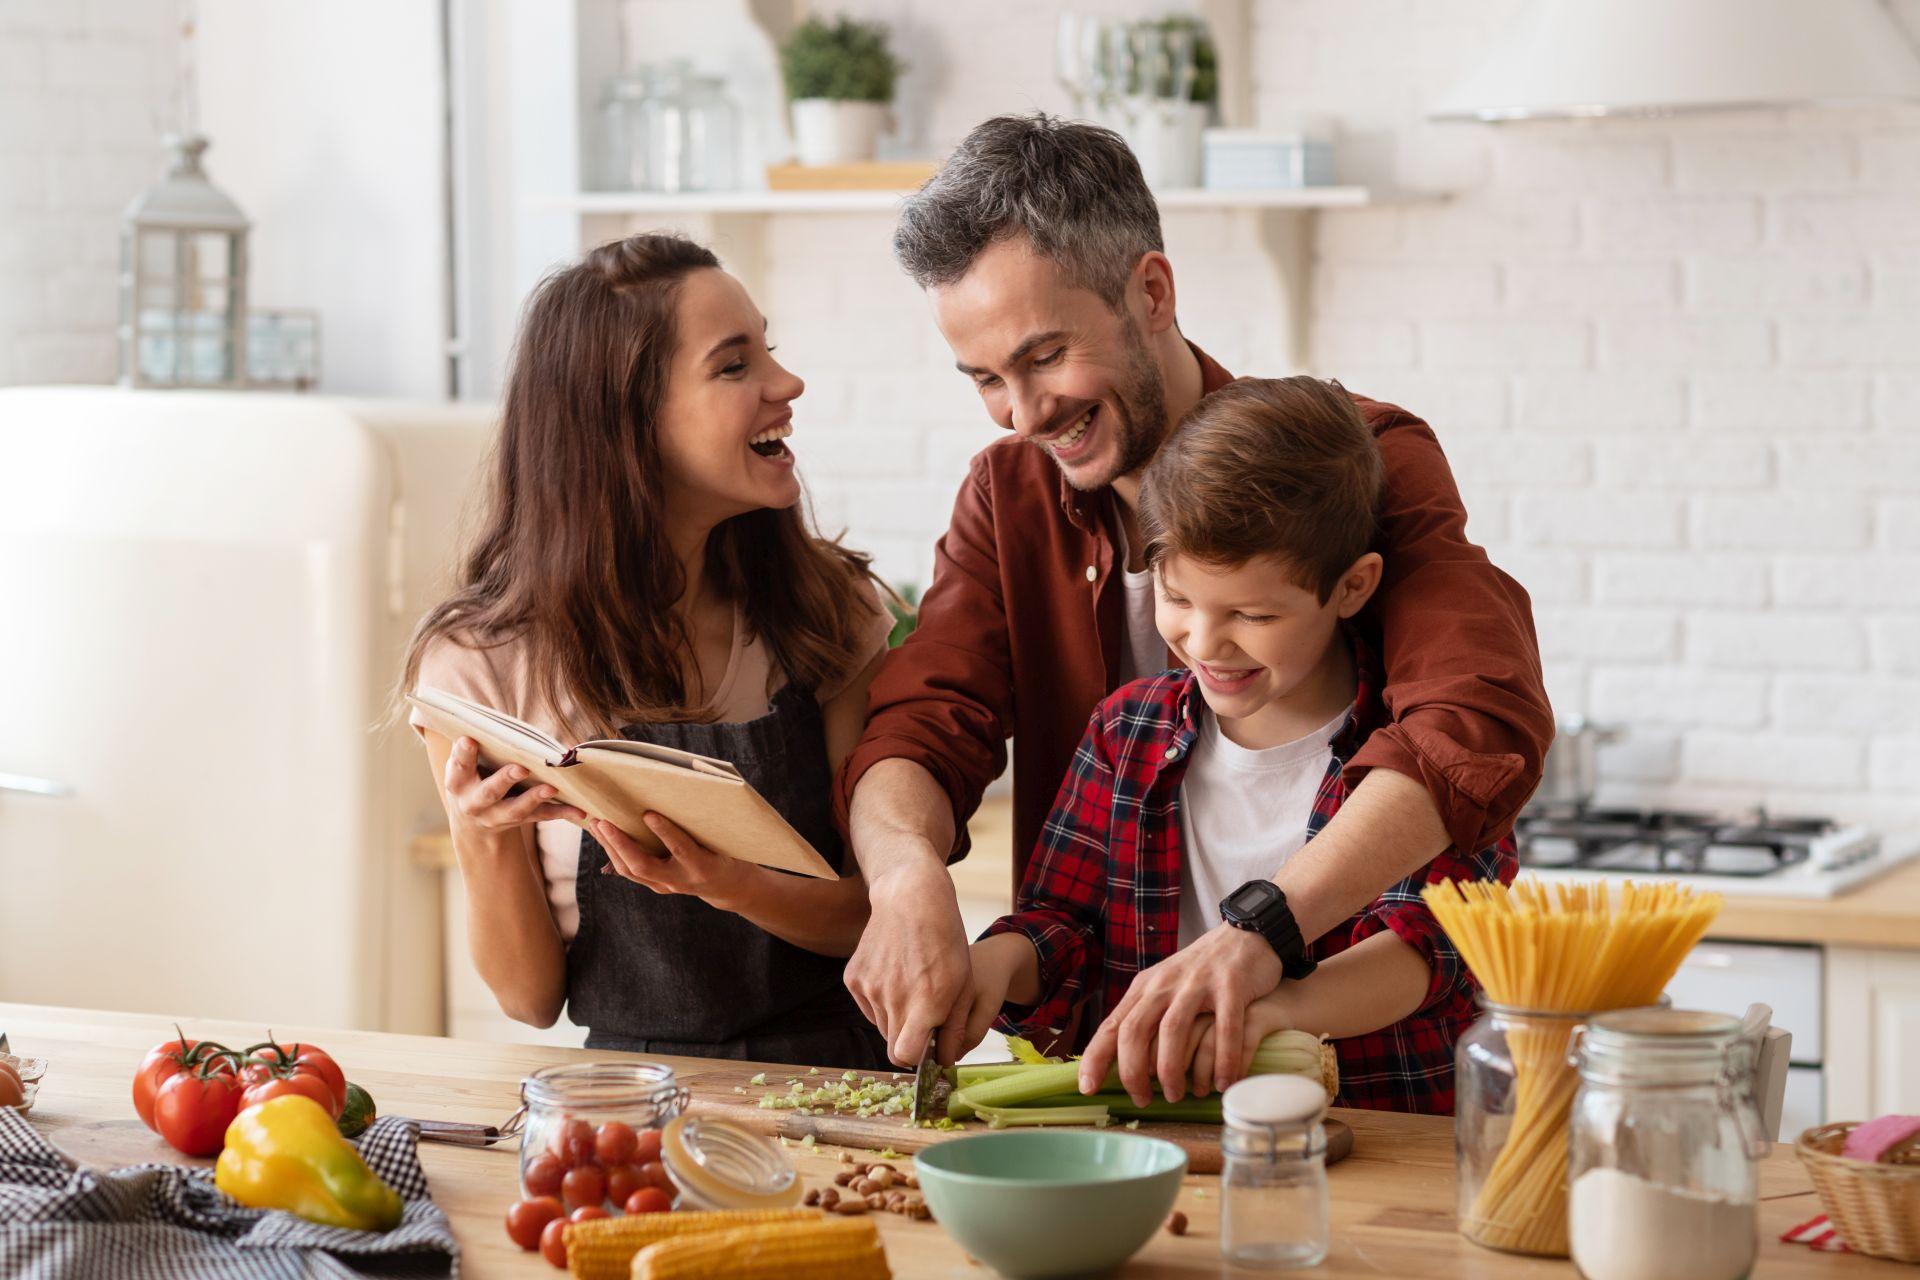 Jak obniżyć podwyższony cholesterol? Sterole roślinne to skuteczny sposób na obniżenie cholesterolu nawet o 7-10% przy spożyciu 1,4-2g dziennie.